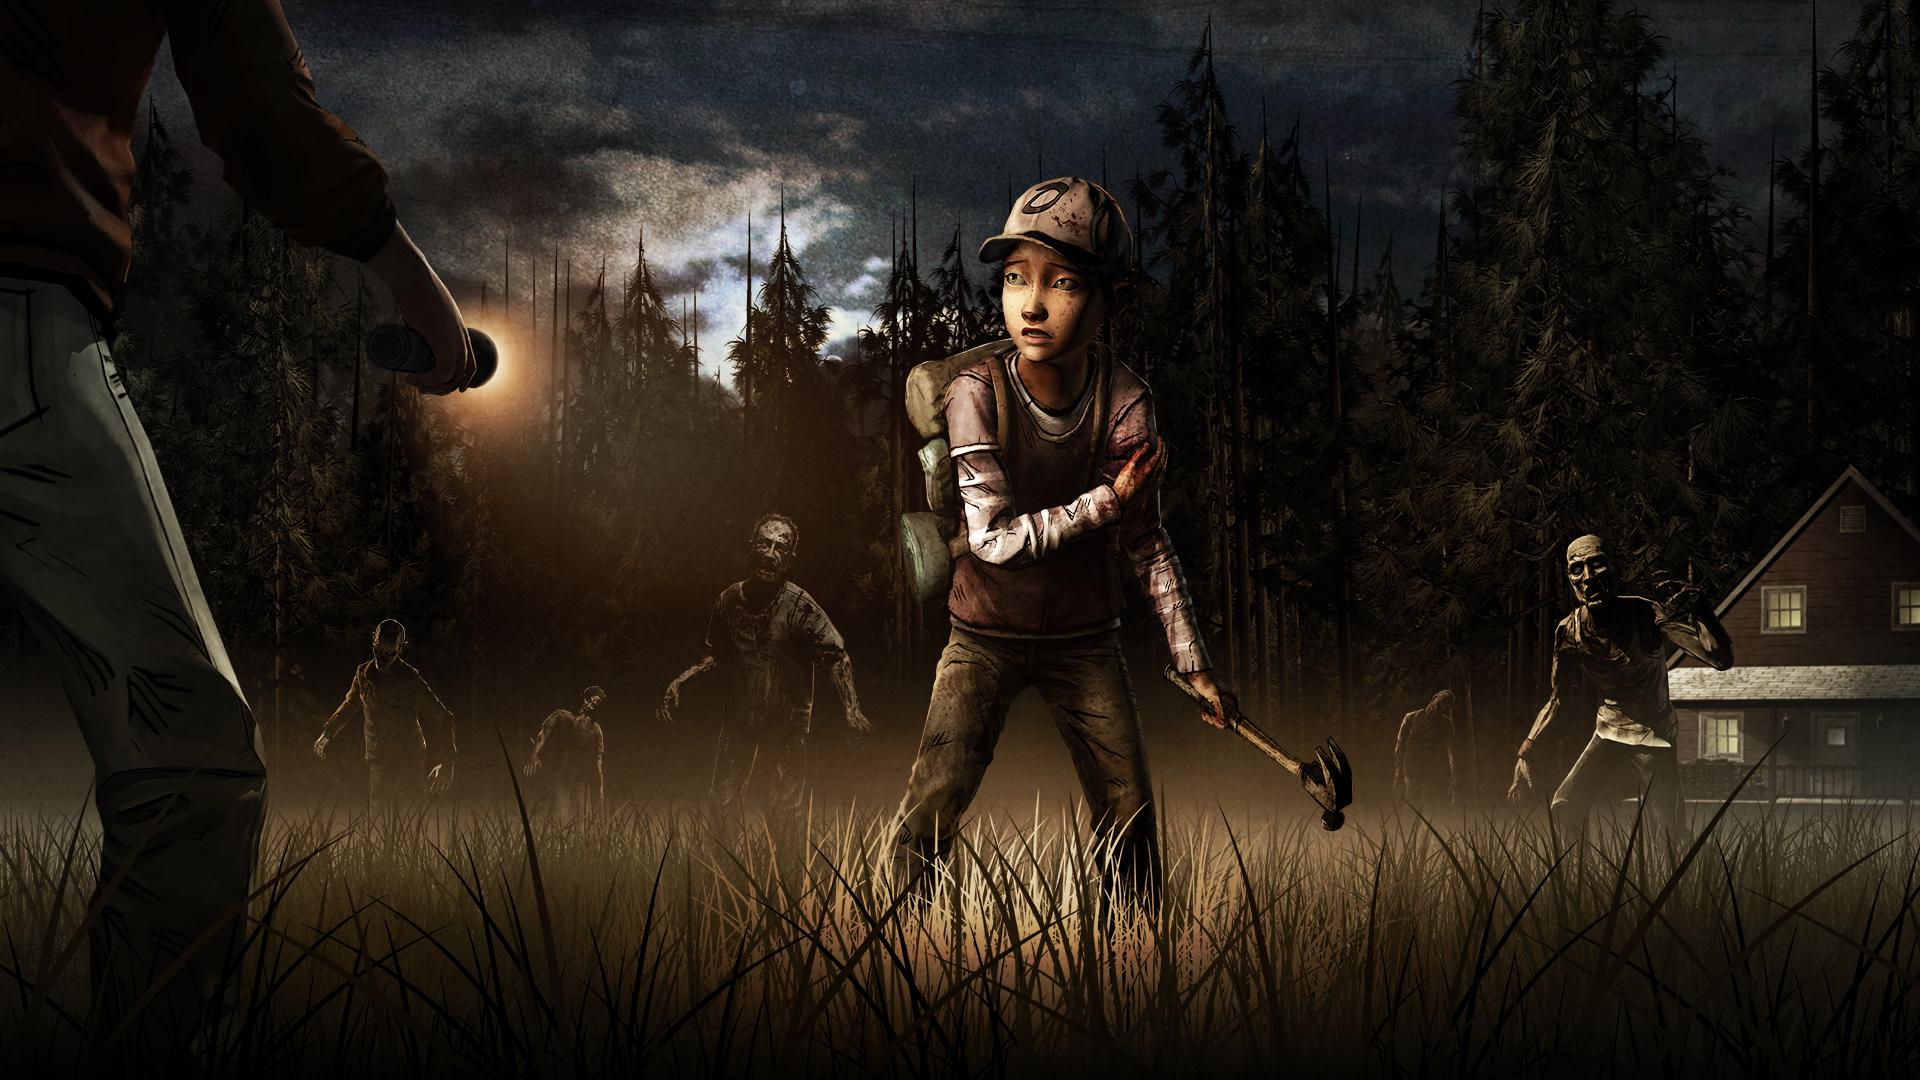 25 The Walking Dead: Season 2 HD Wallpapers | Backgrounds